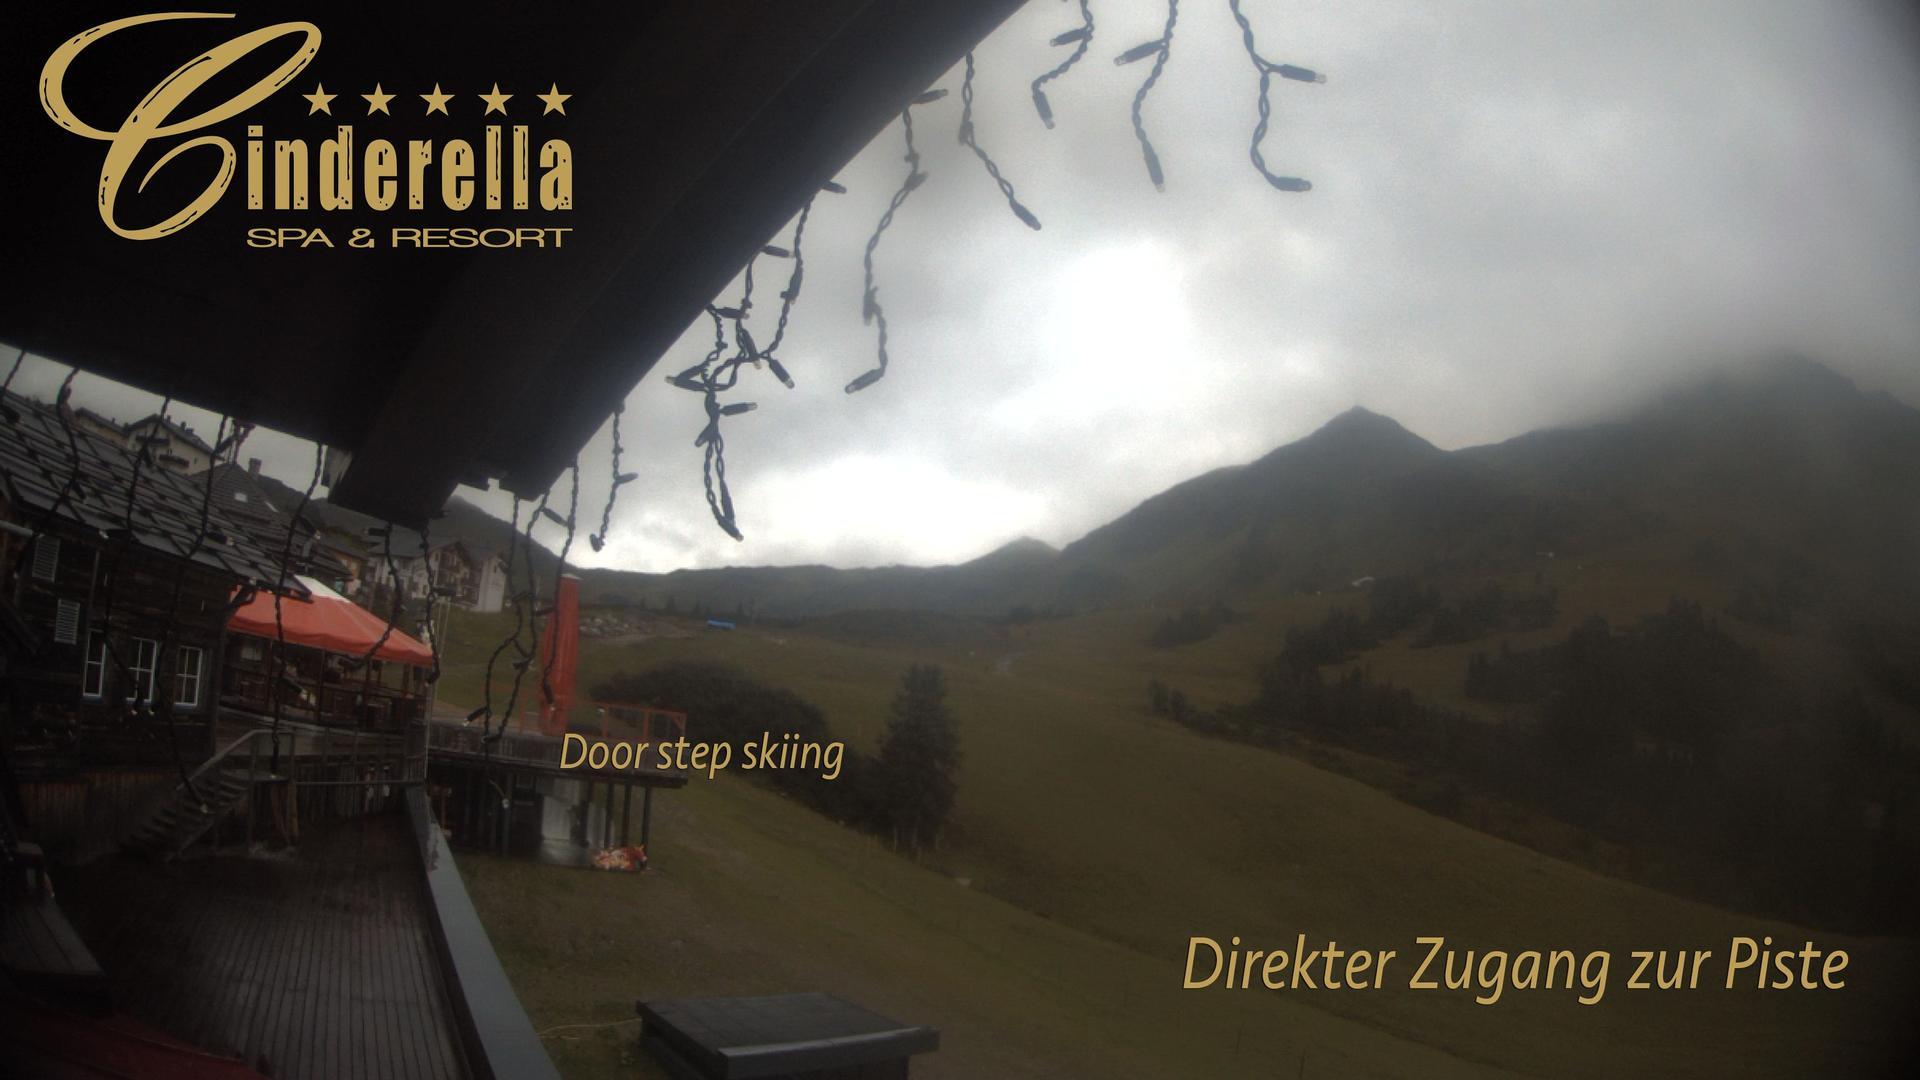 Webcam Obertauern: Hotel Cinderella − Blick auf die Flutl